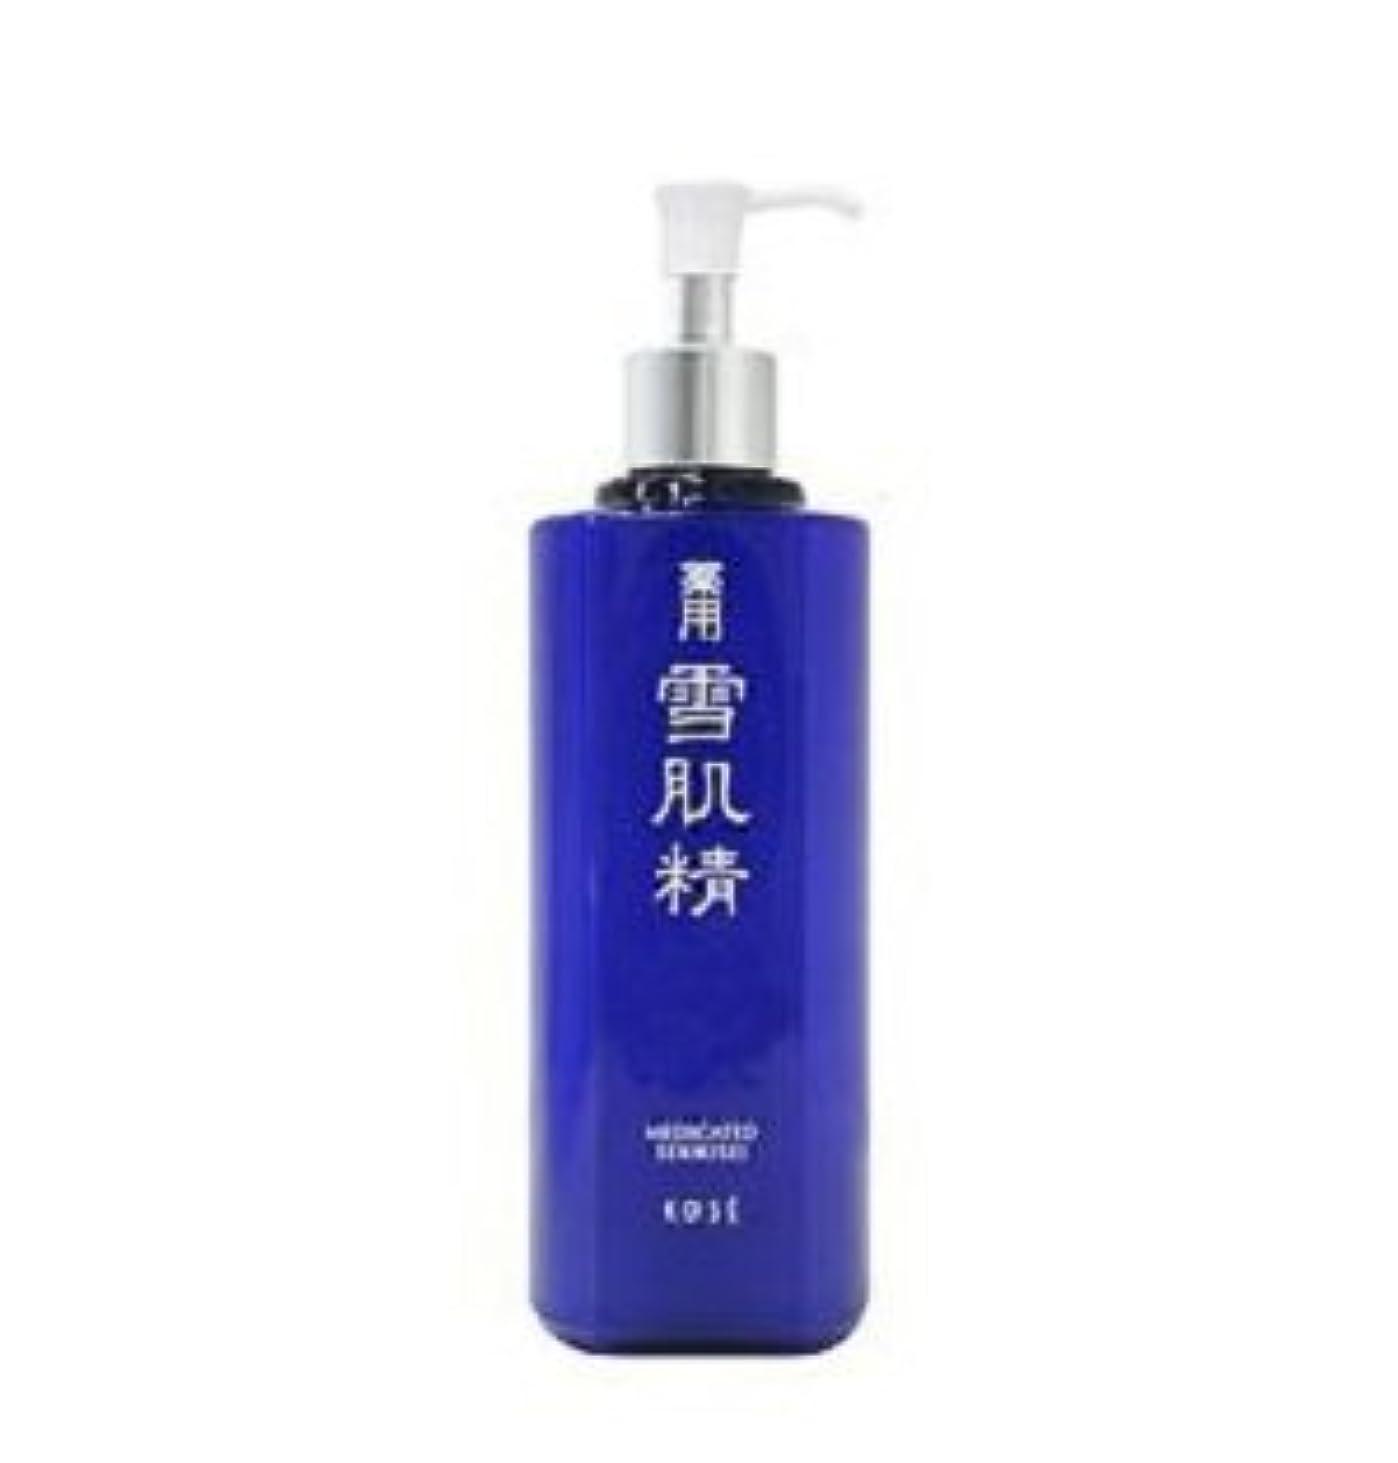 航海起こるジャーナルコーセー 薬用 雪肌精 化粧水 500ml 限定発売 ラージ ボトル